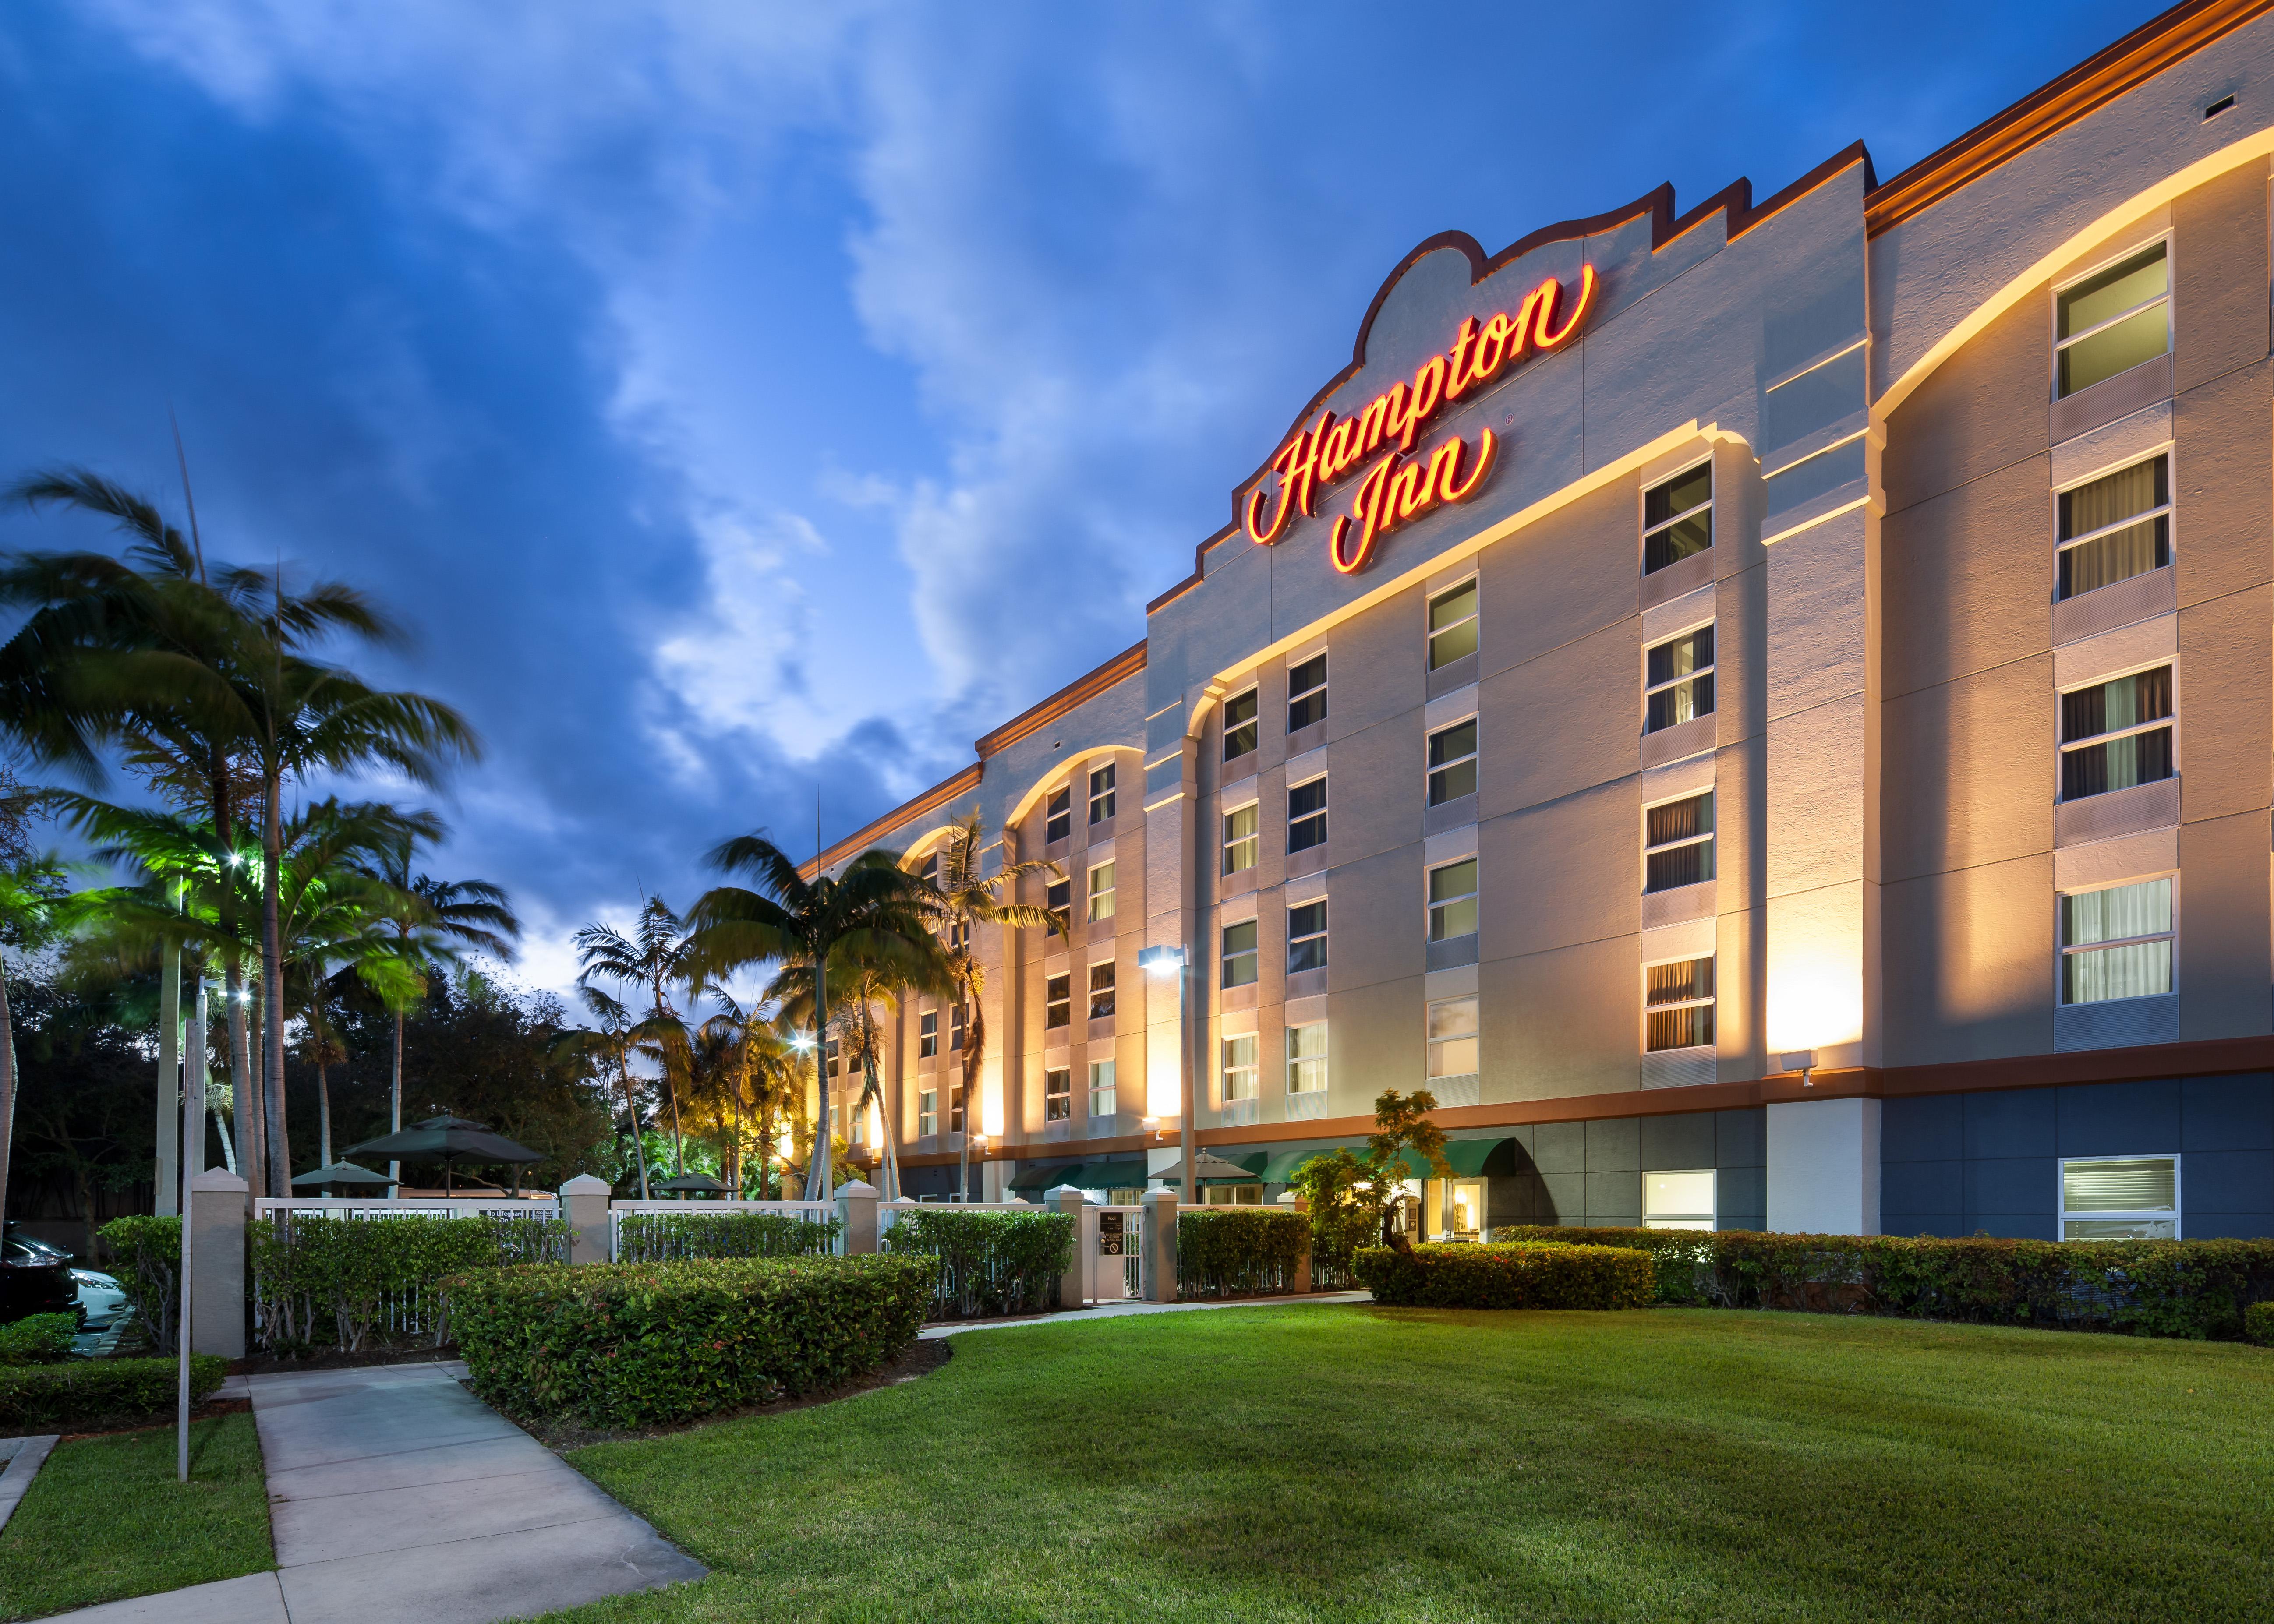 Hampton Inn Ft. Lauderdale Airport